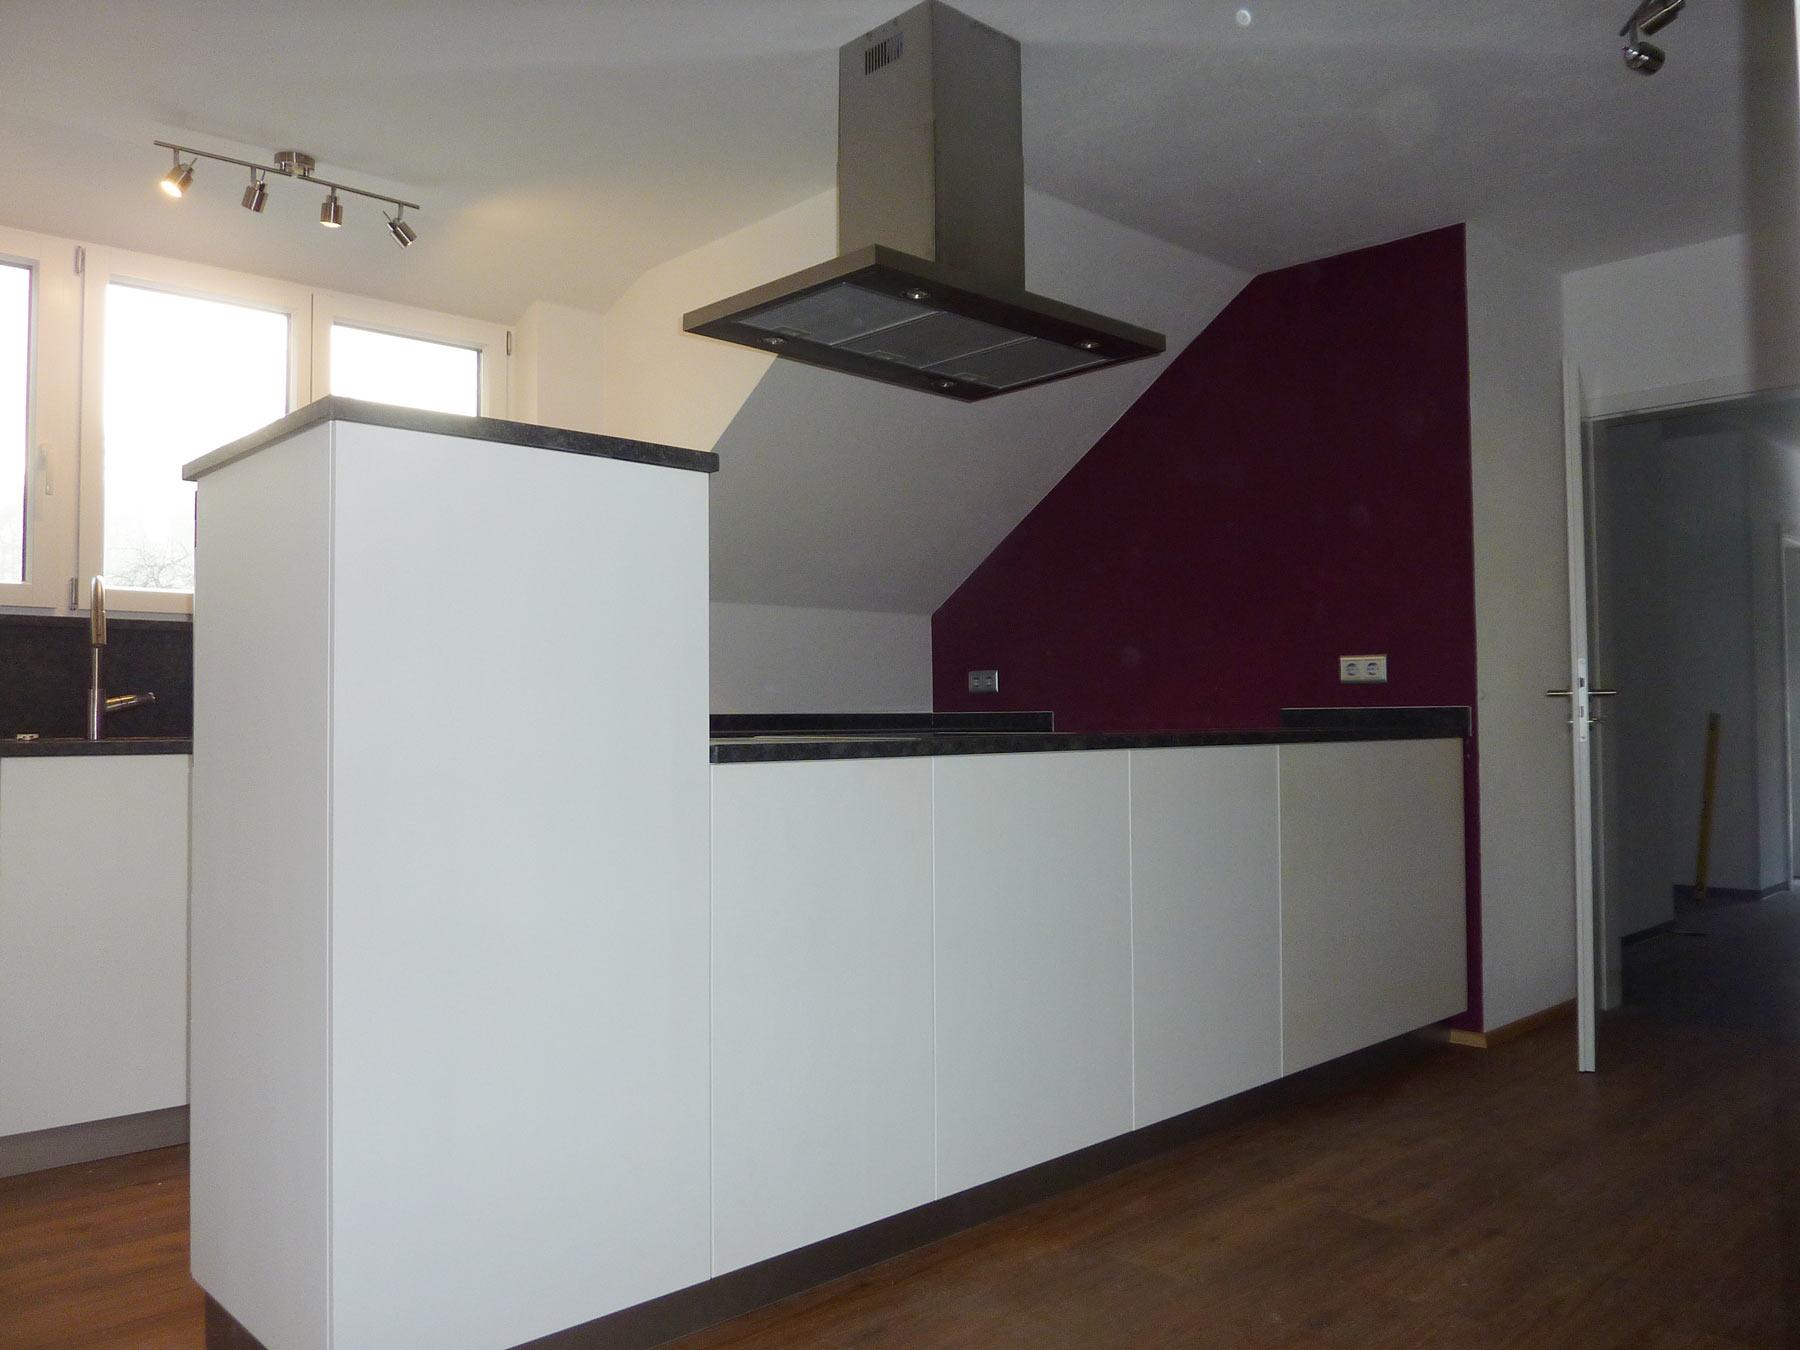 Küche mittelblock in multiplex weiss lackiert freistehener mittelblock weiss und anthrazit lackiert